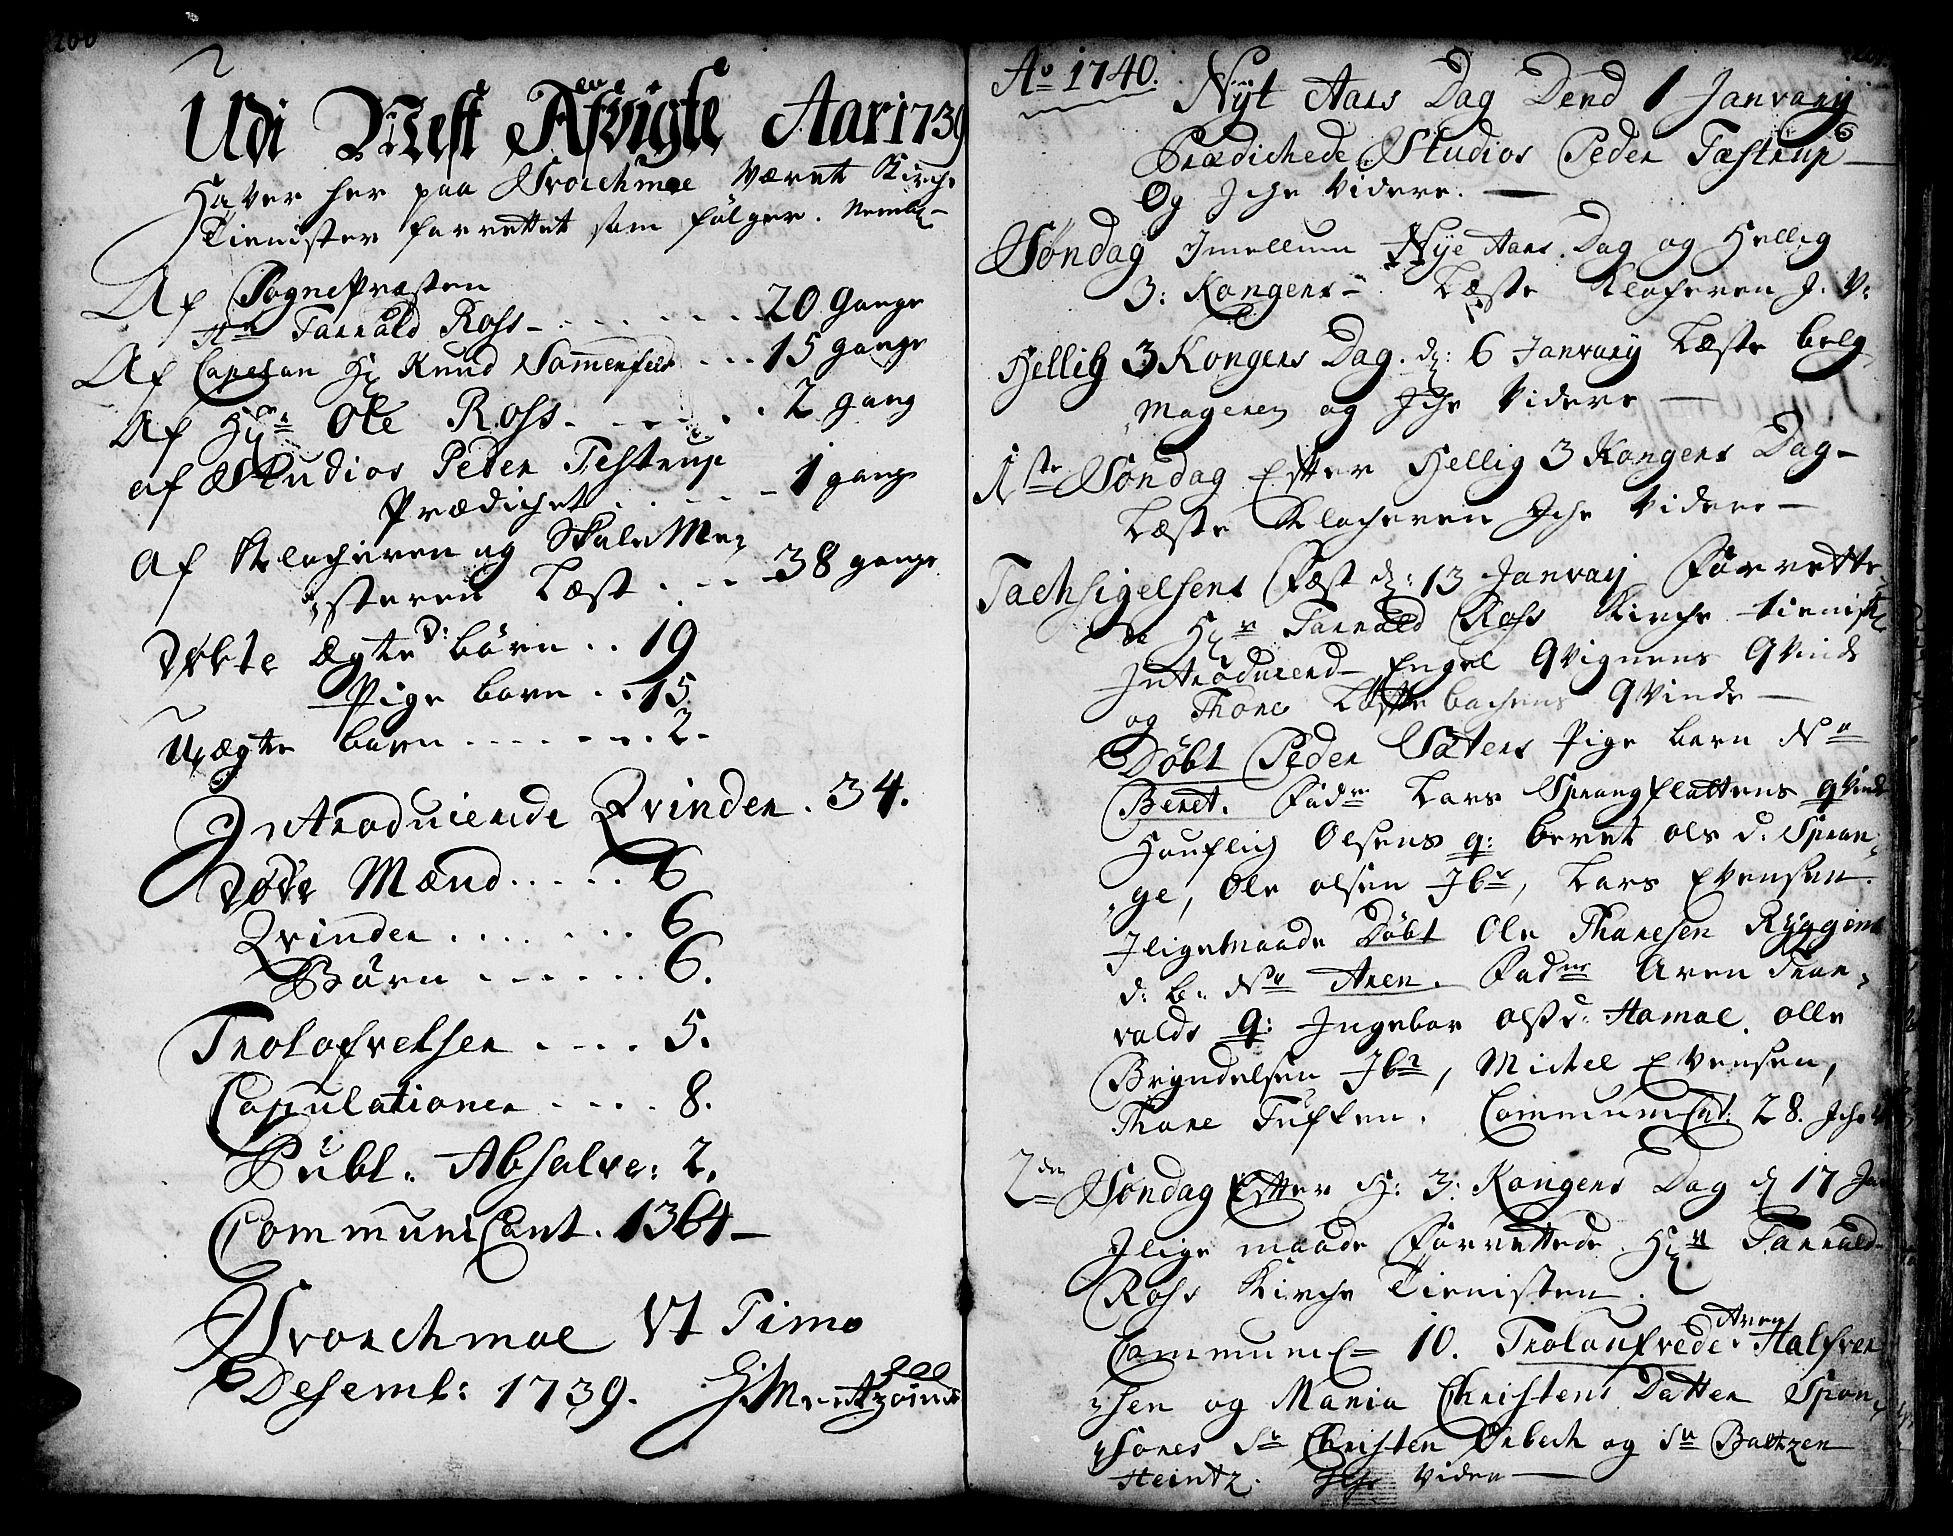 SAT, Ministerialprotokoller, klokkerbøker og fødselsregistre - Sør-Trøndelag, 671/L0839: Ministerialbok nr. 671A01, 1730-1755, s. 200-201